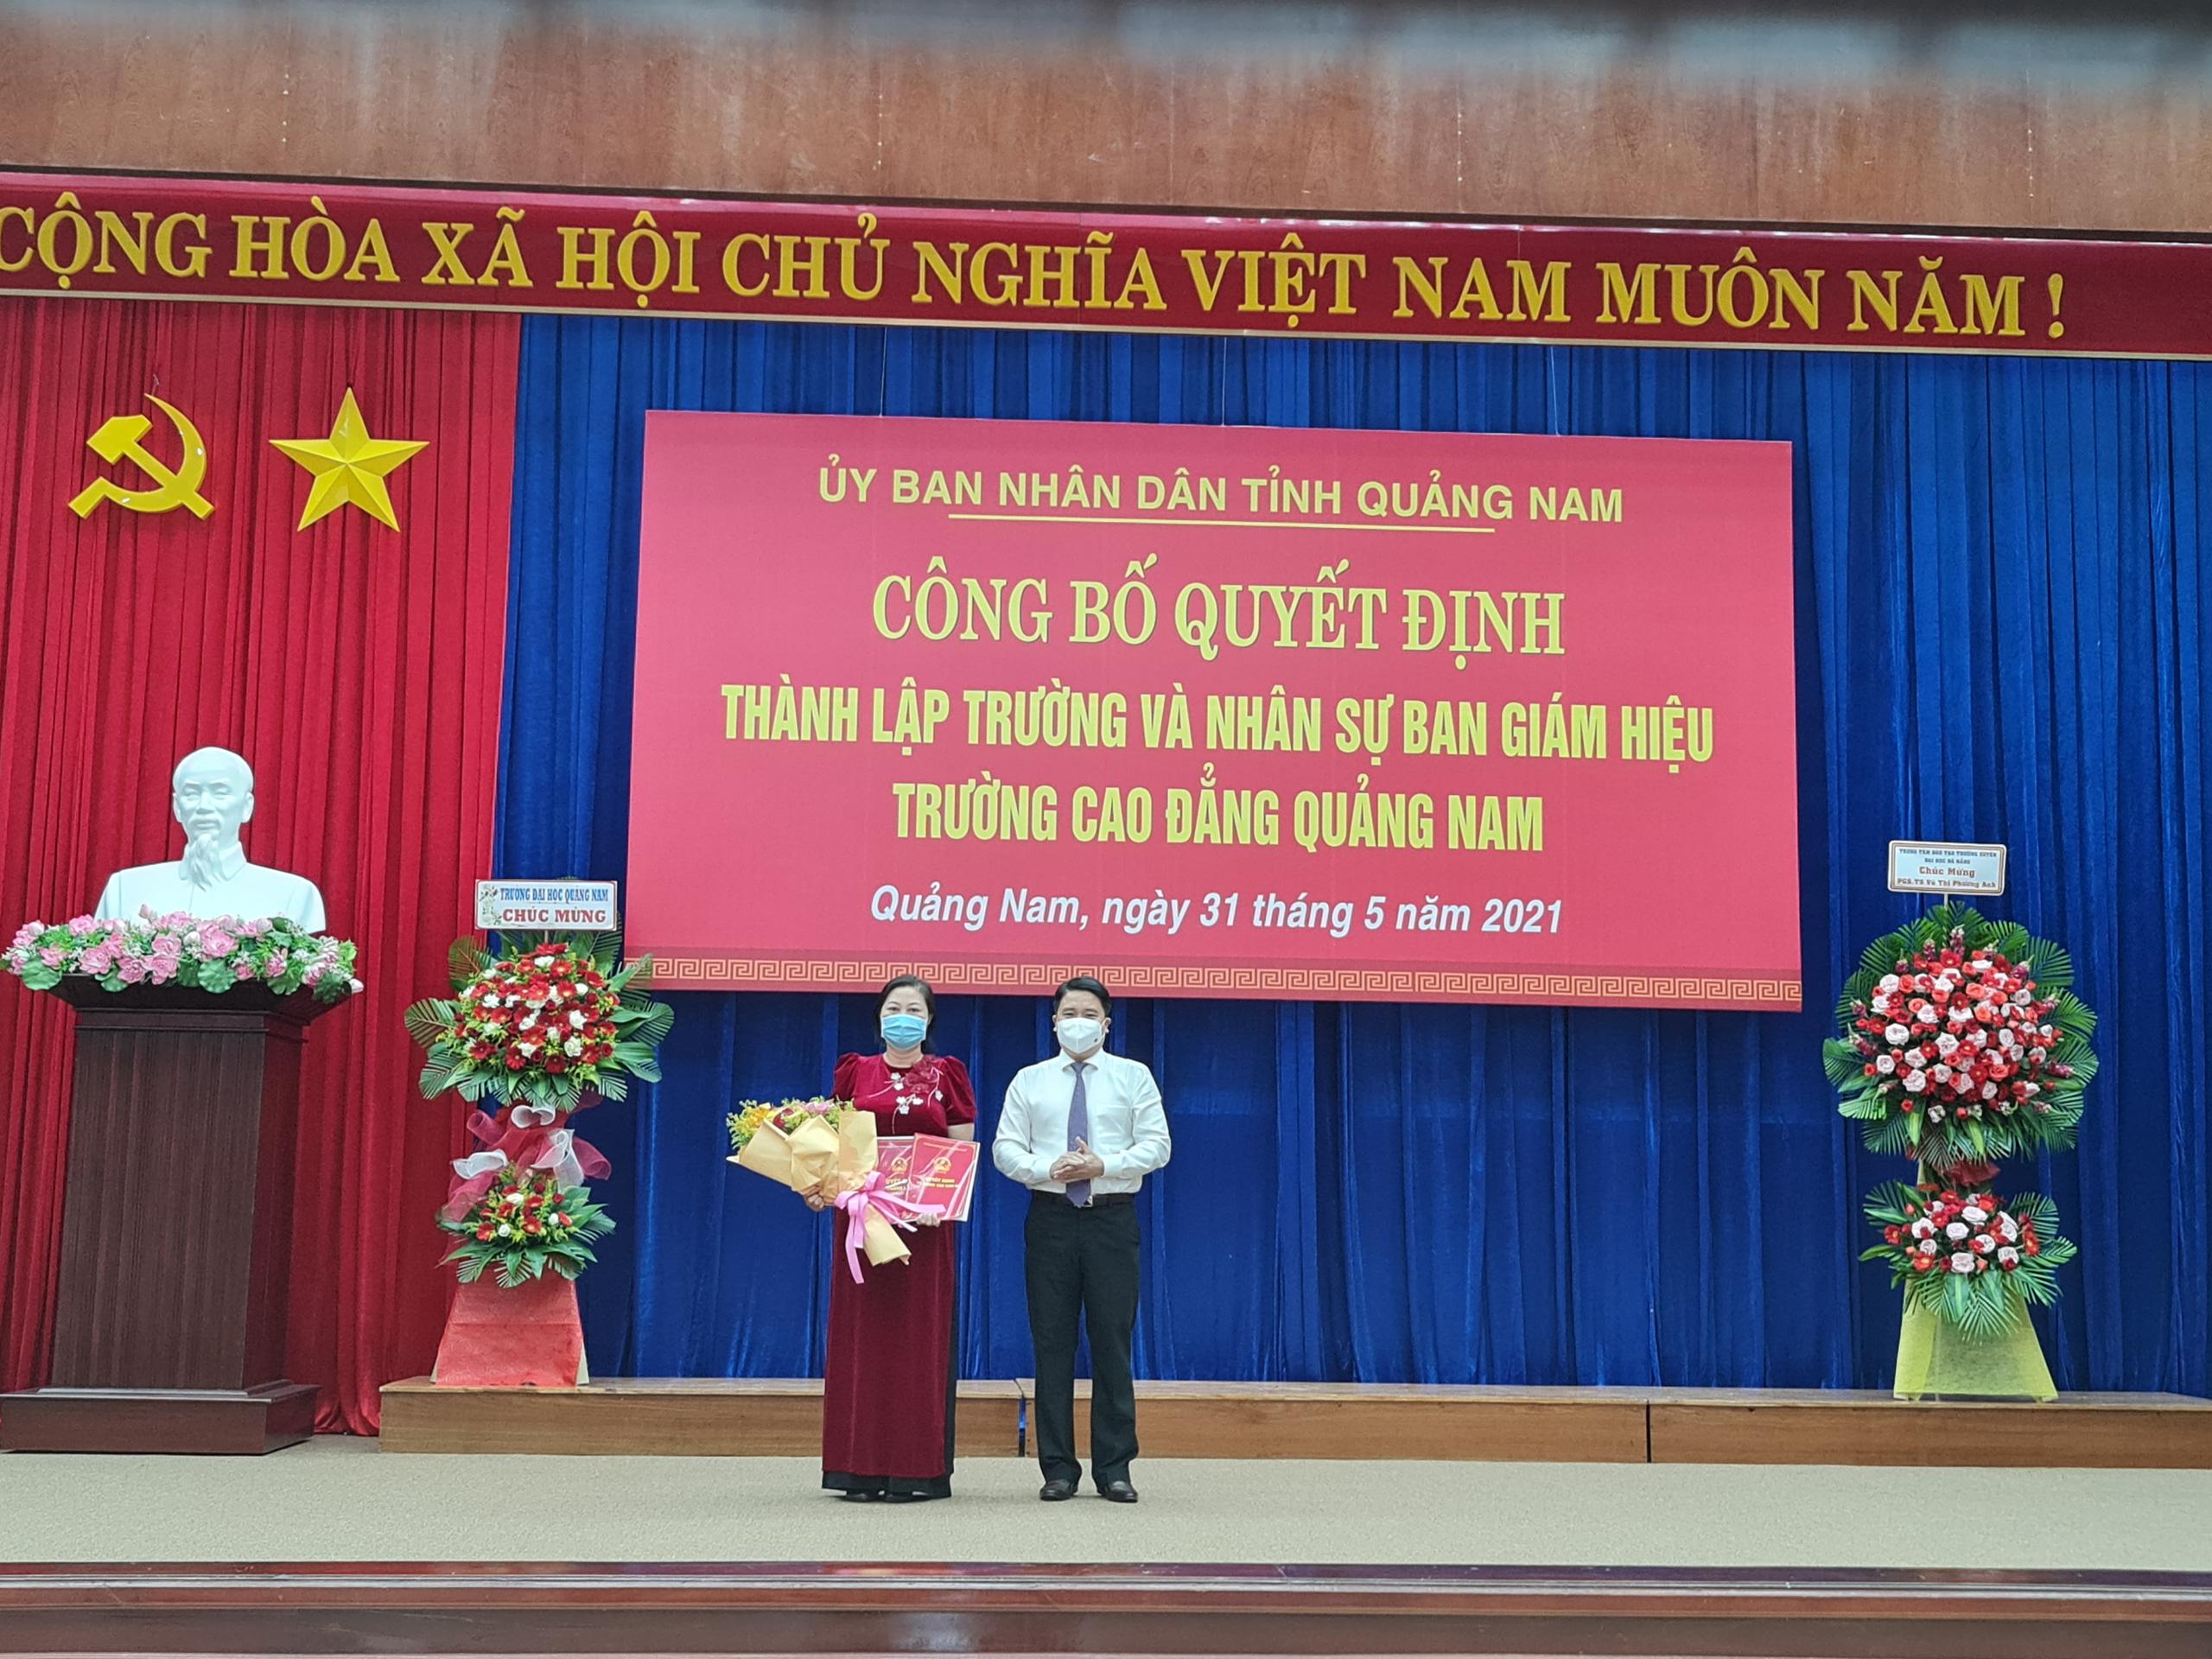 Chính thức thành lập Trường Cao đẳng Quảng Nam - Ảnh 1.